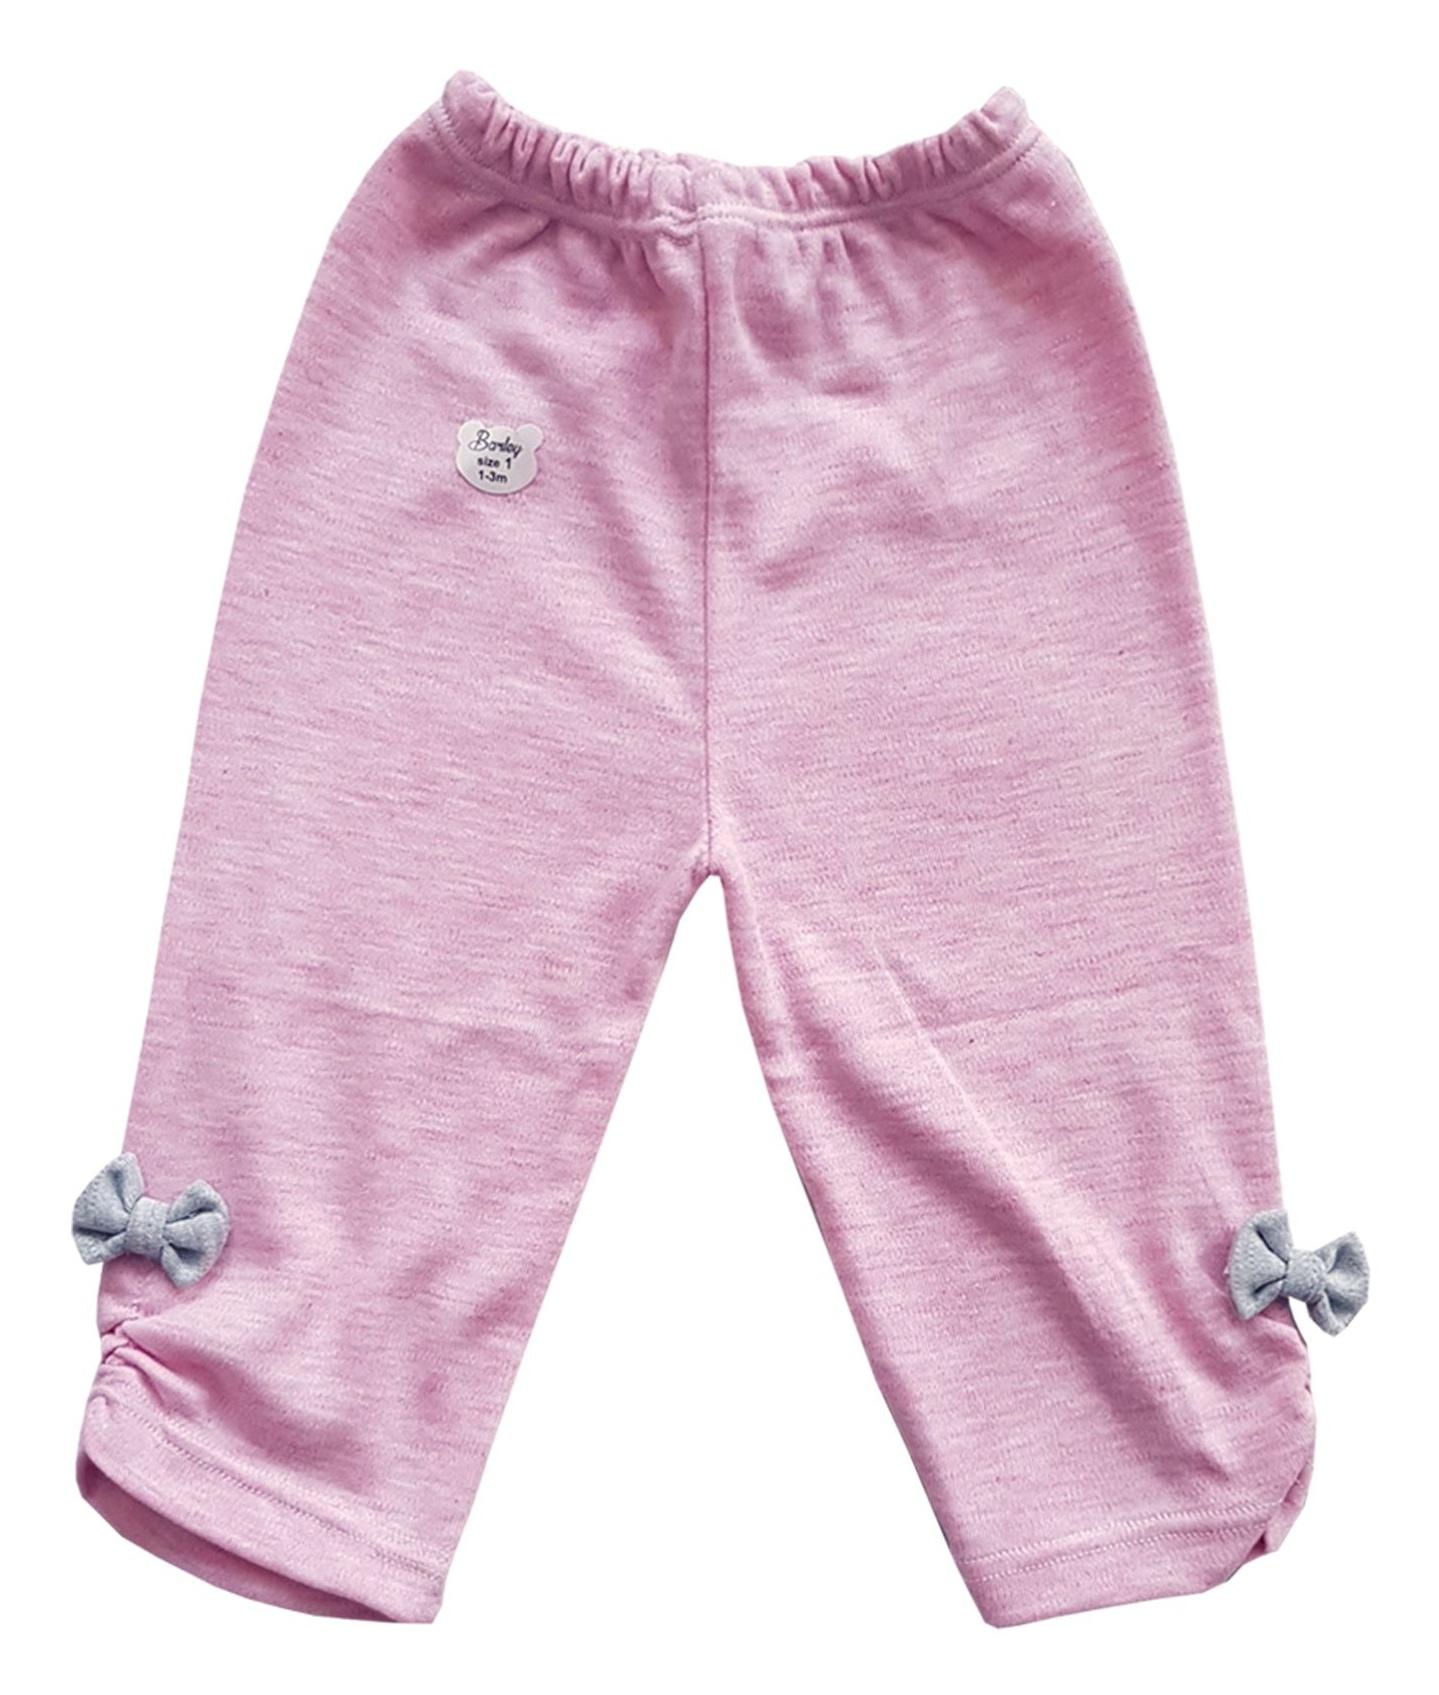 ست بادی و شلوار نوزادی دخترانه طرح فیل 001 main 1 2